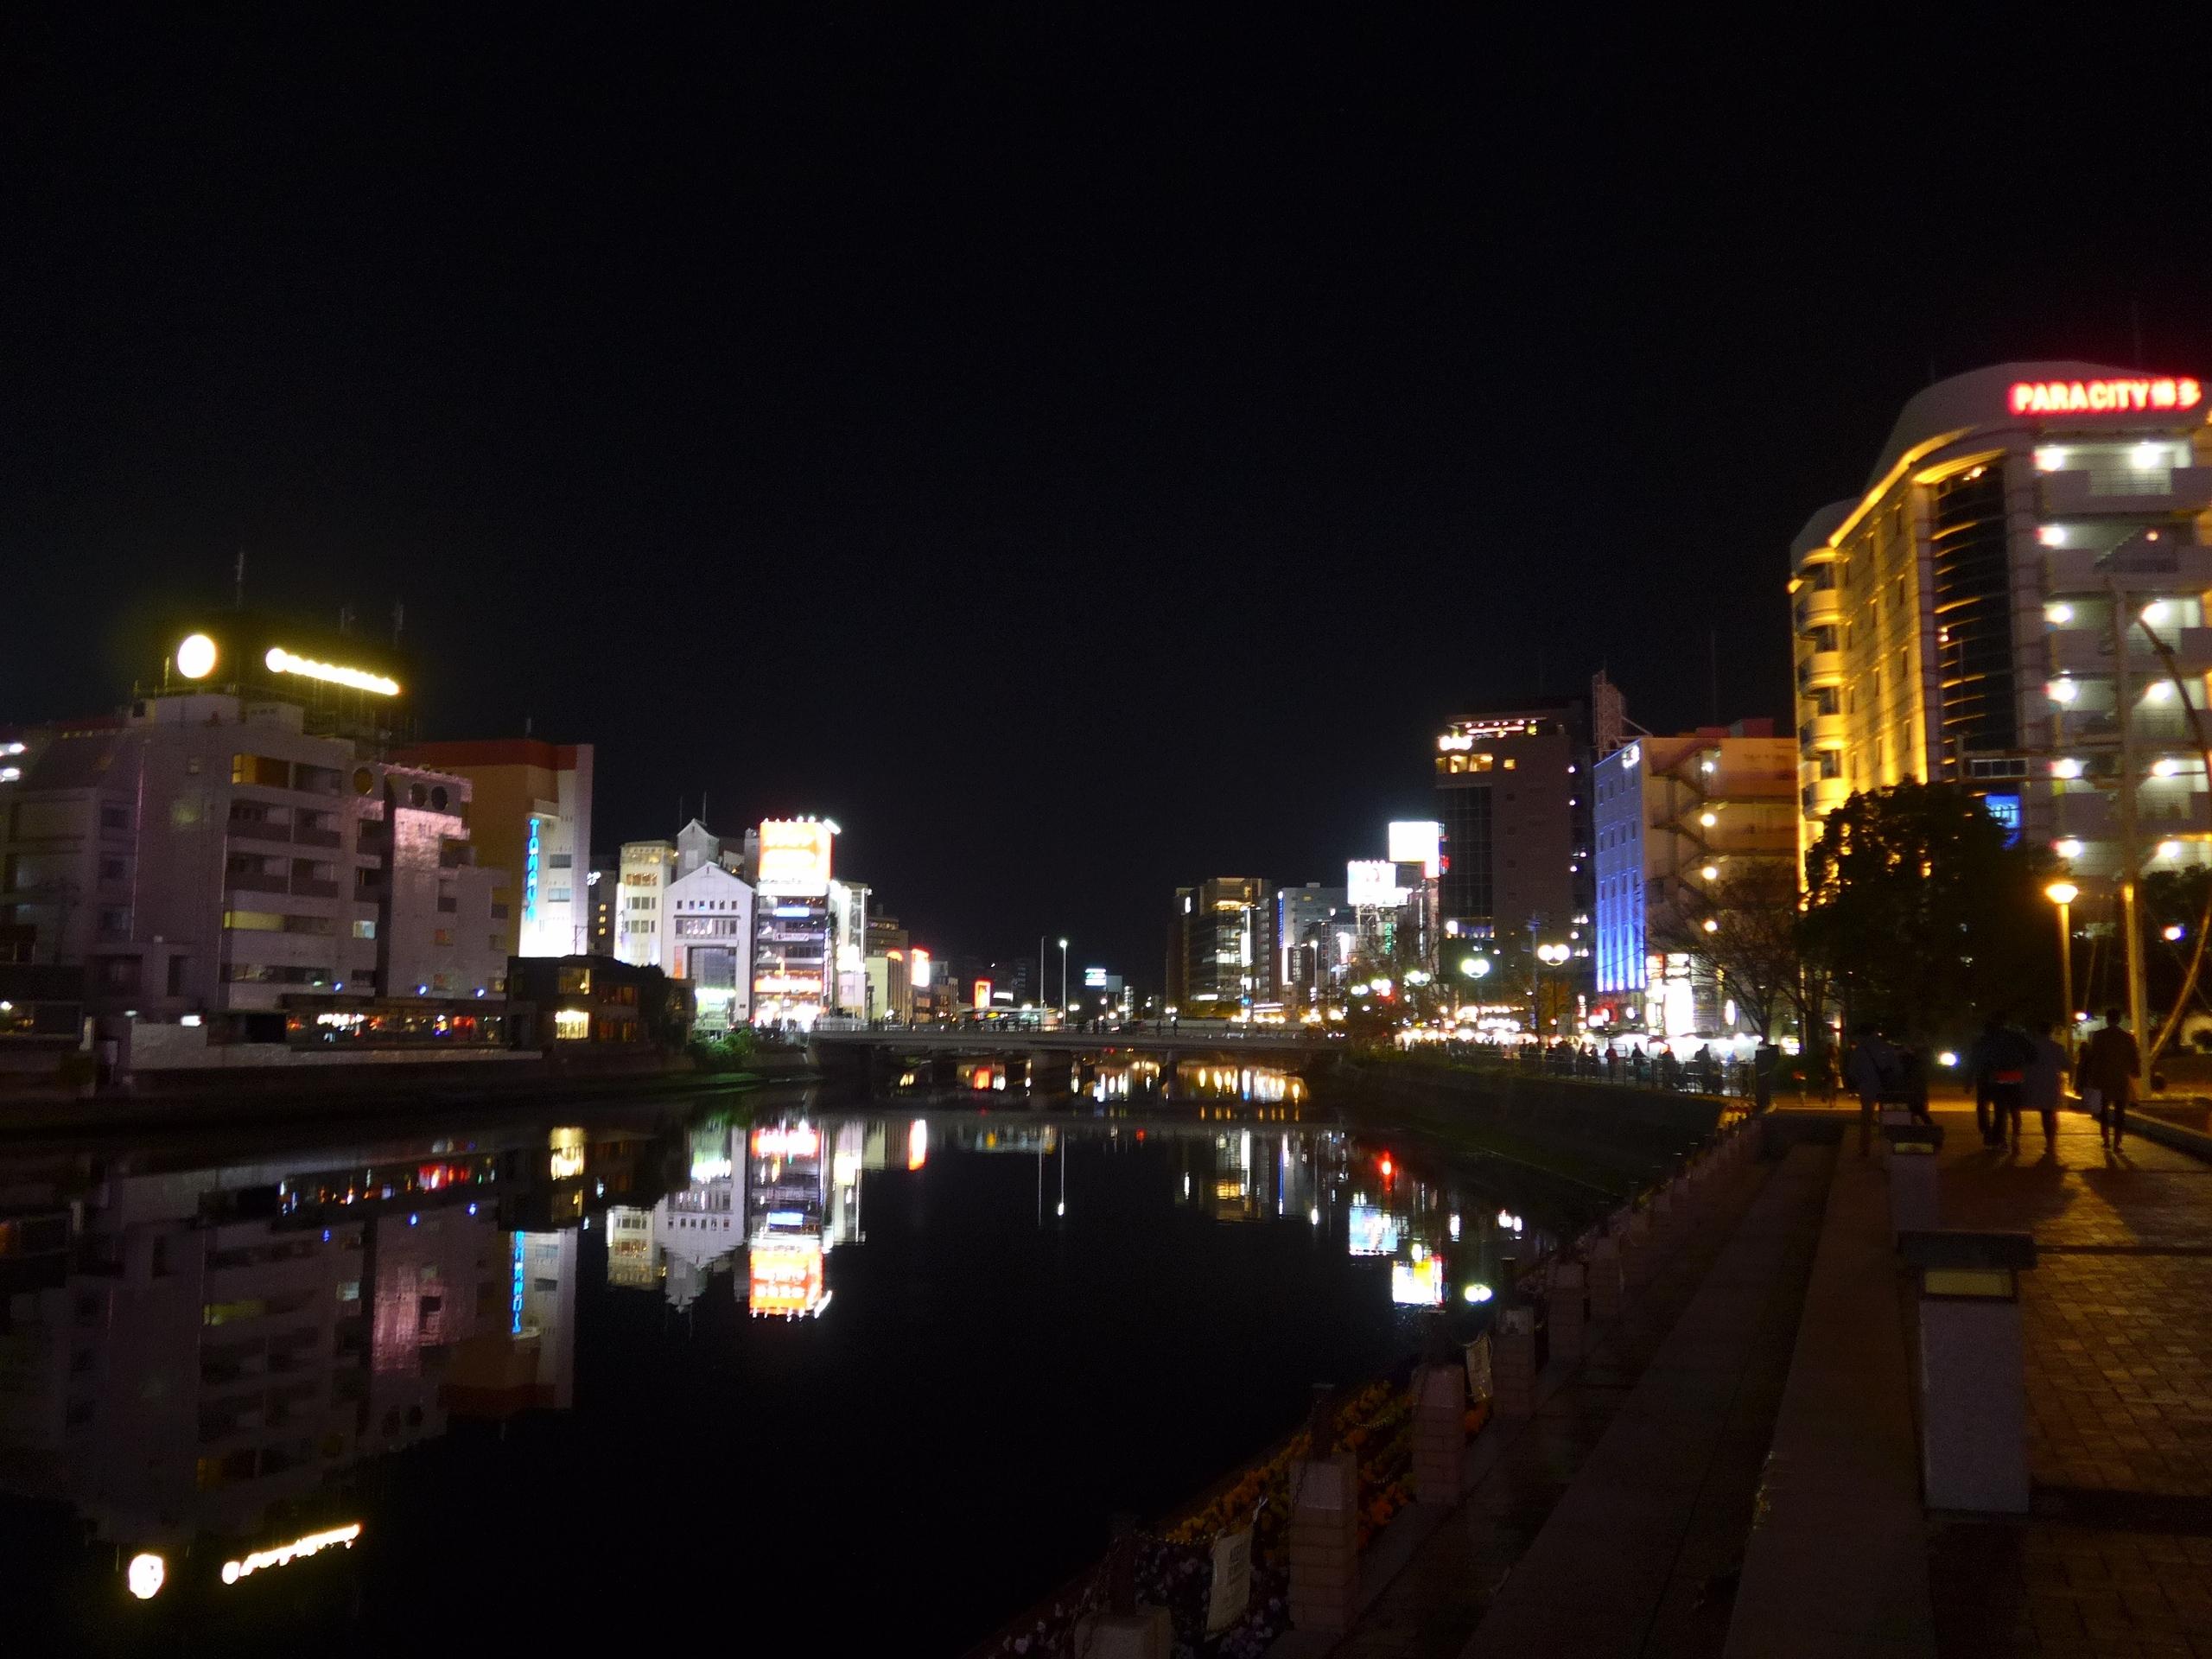 那珂川の上流側からの景色、右手の川沿いに屋台街があります